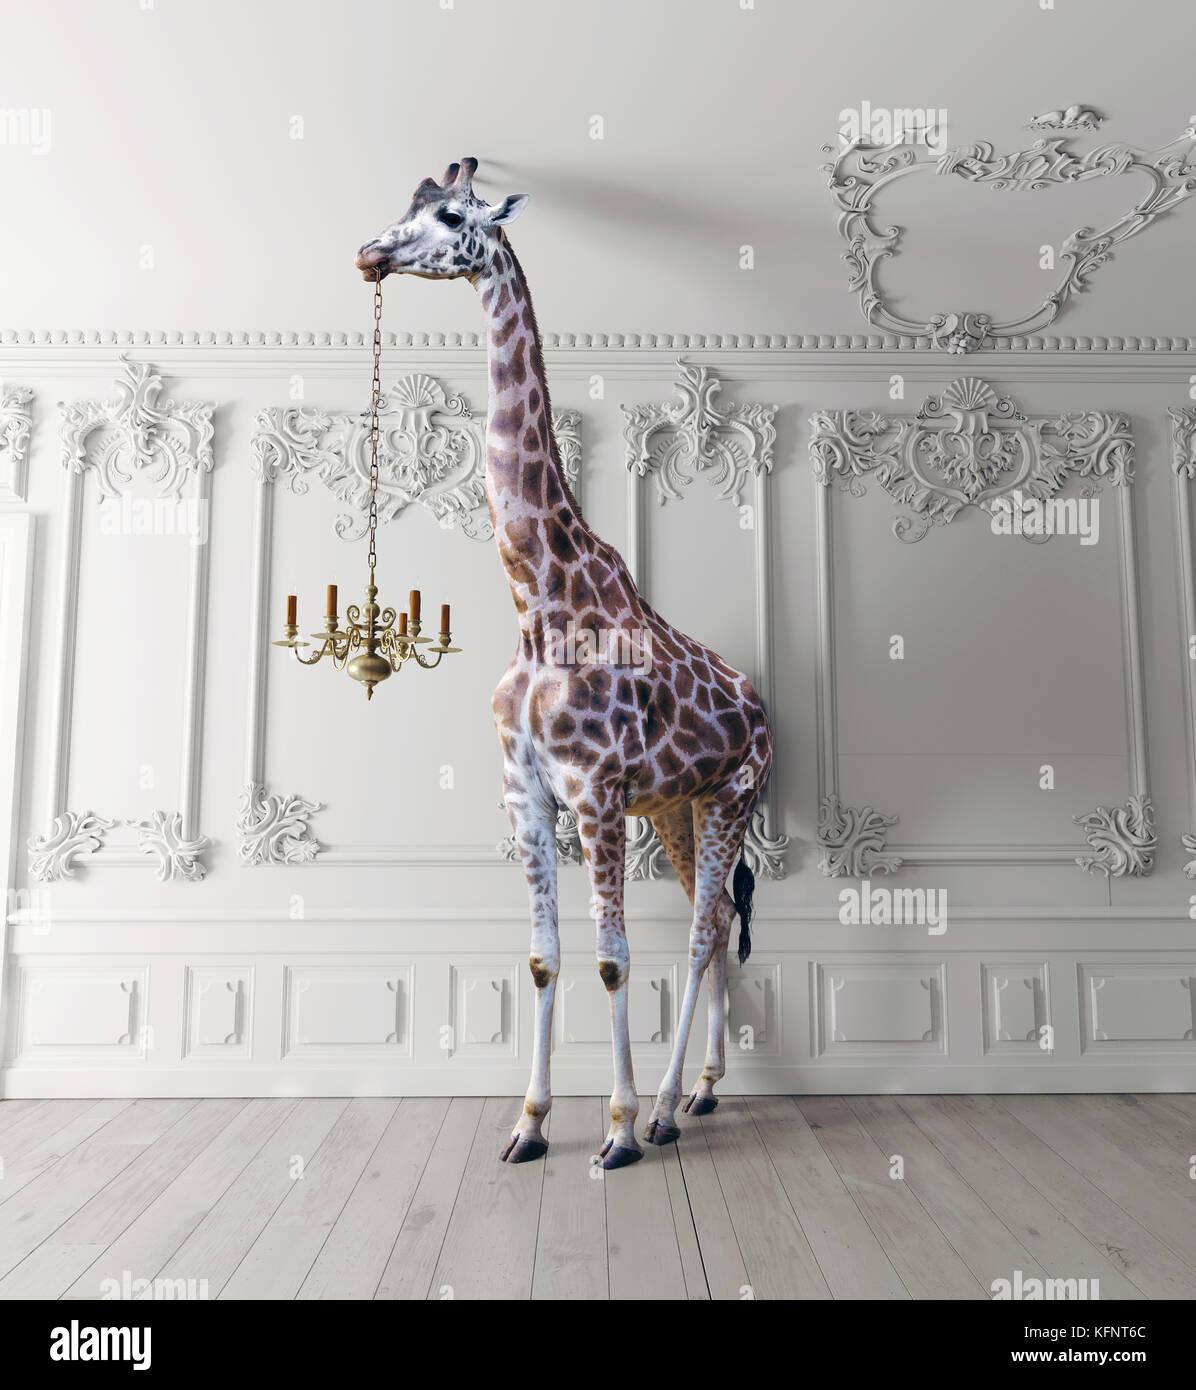 La giraffa tenere il lampadario nel lusso interni decorati Immagini Stock